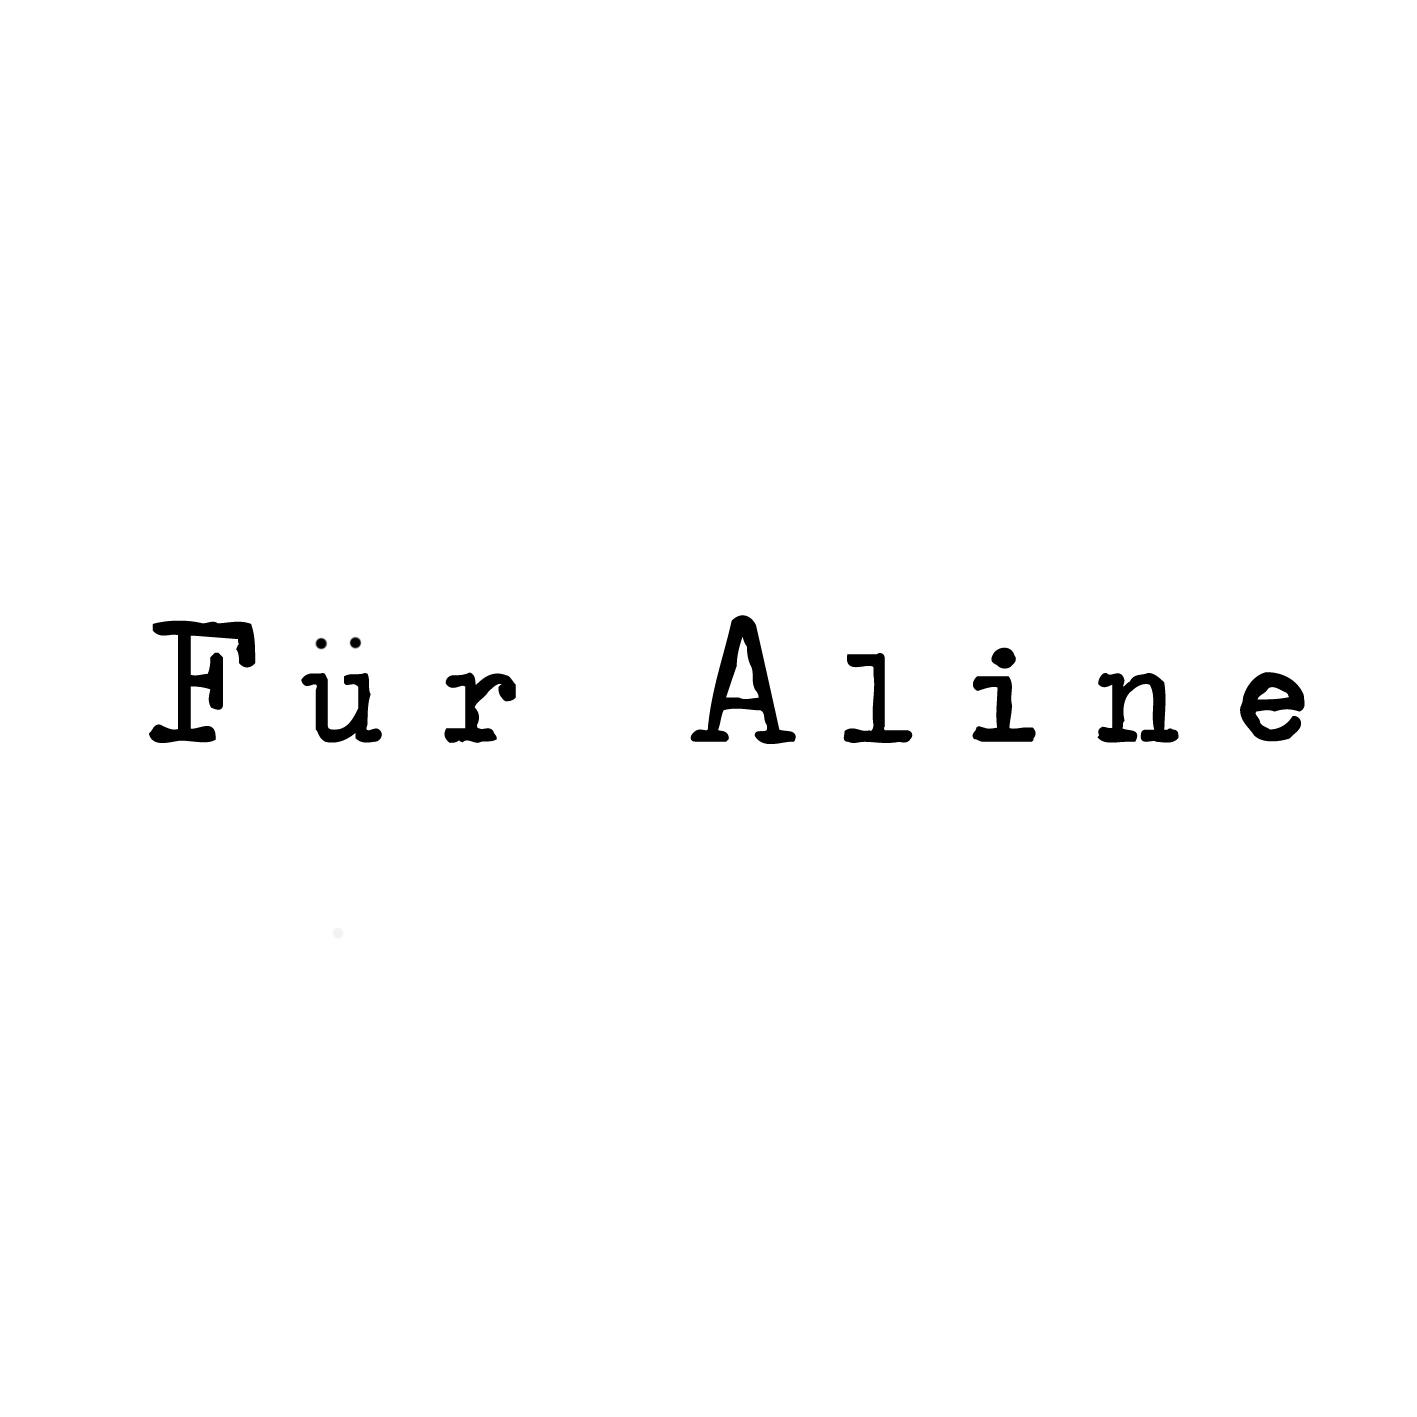 (Italiano) Marco Pezzenati – Fur Aline